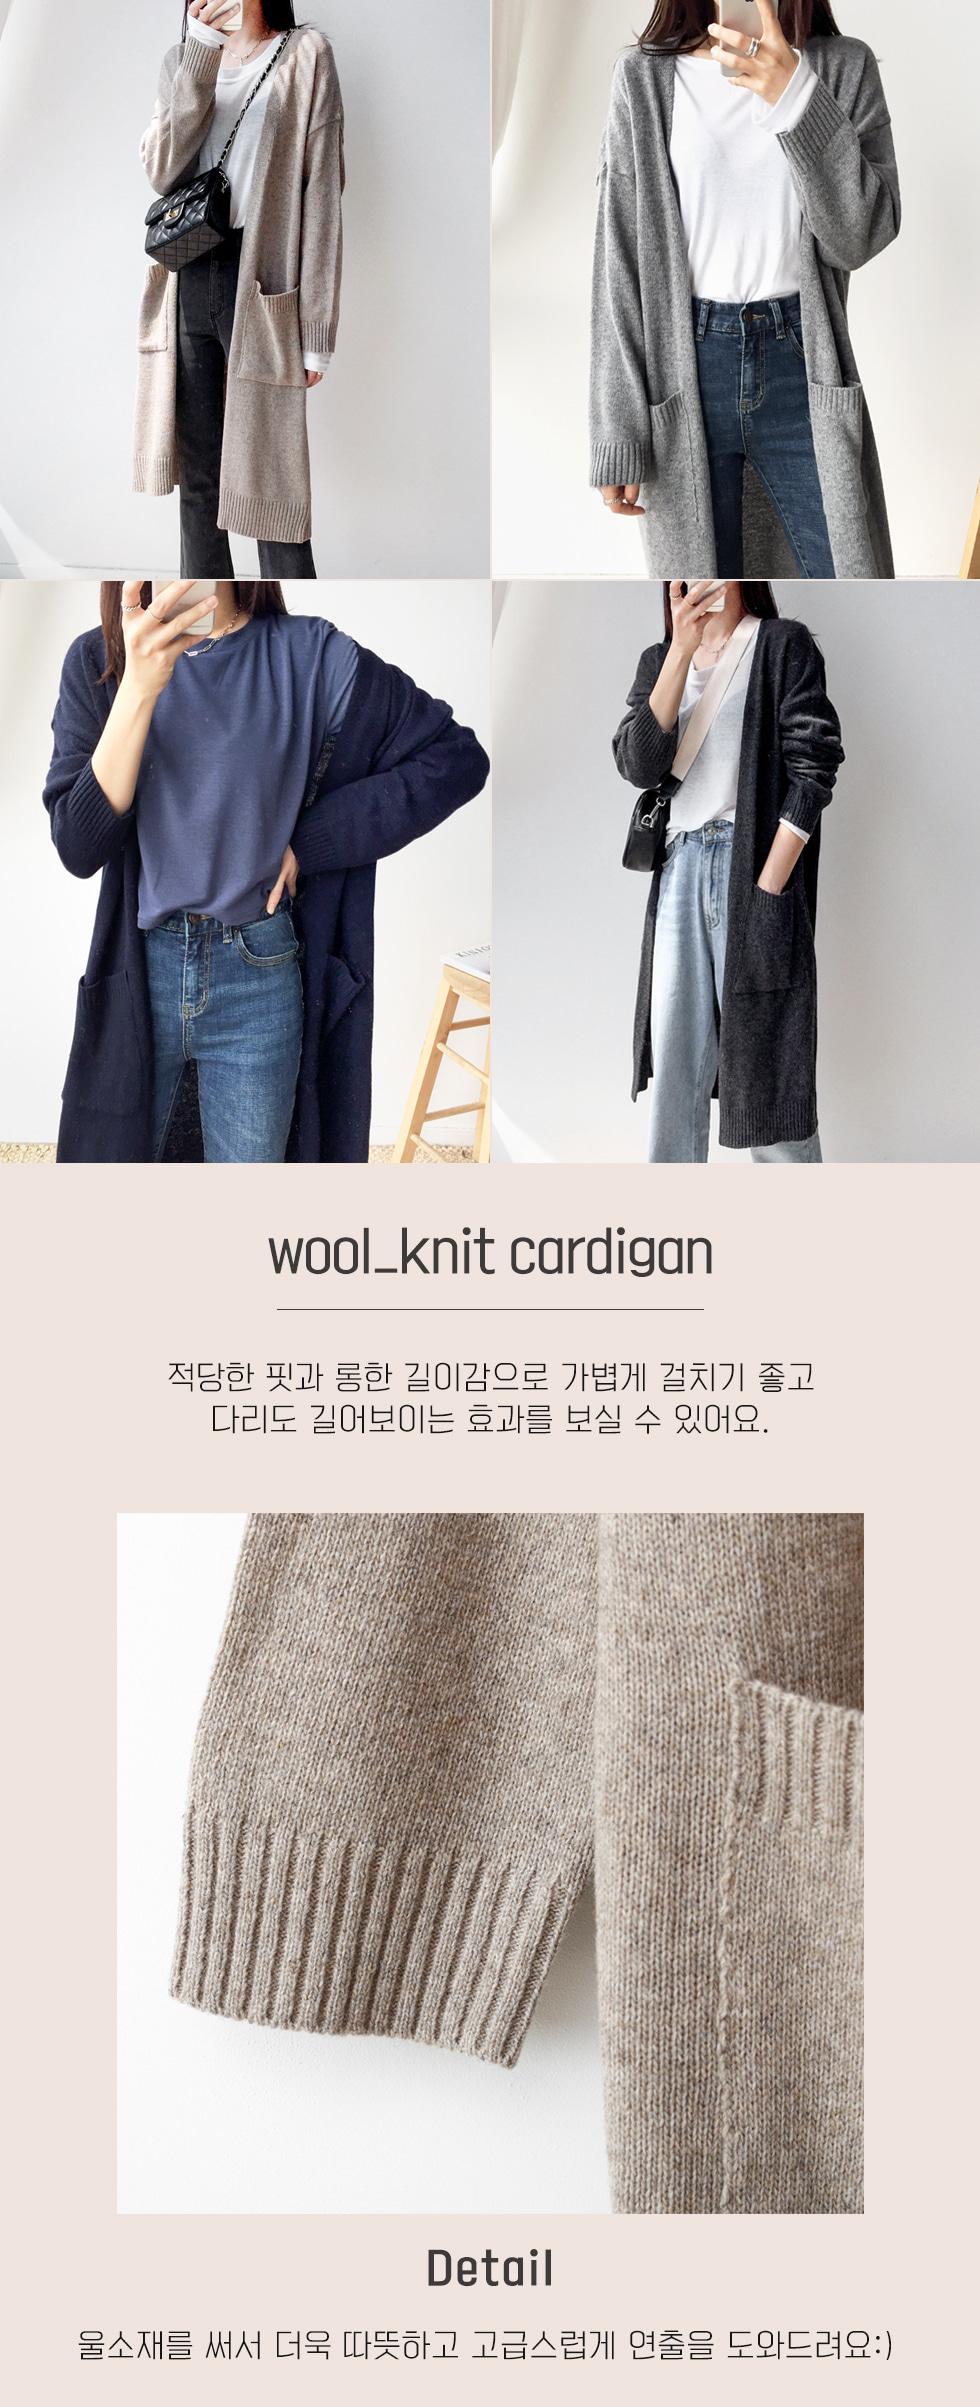 Nine long knit cardigan